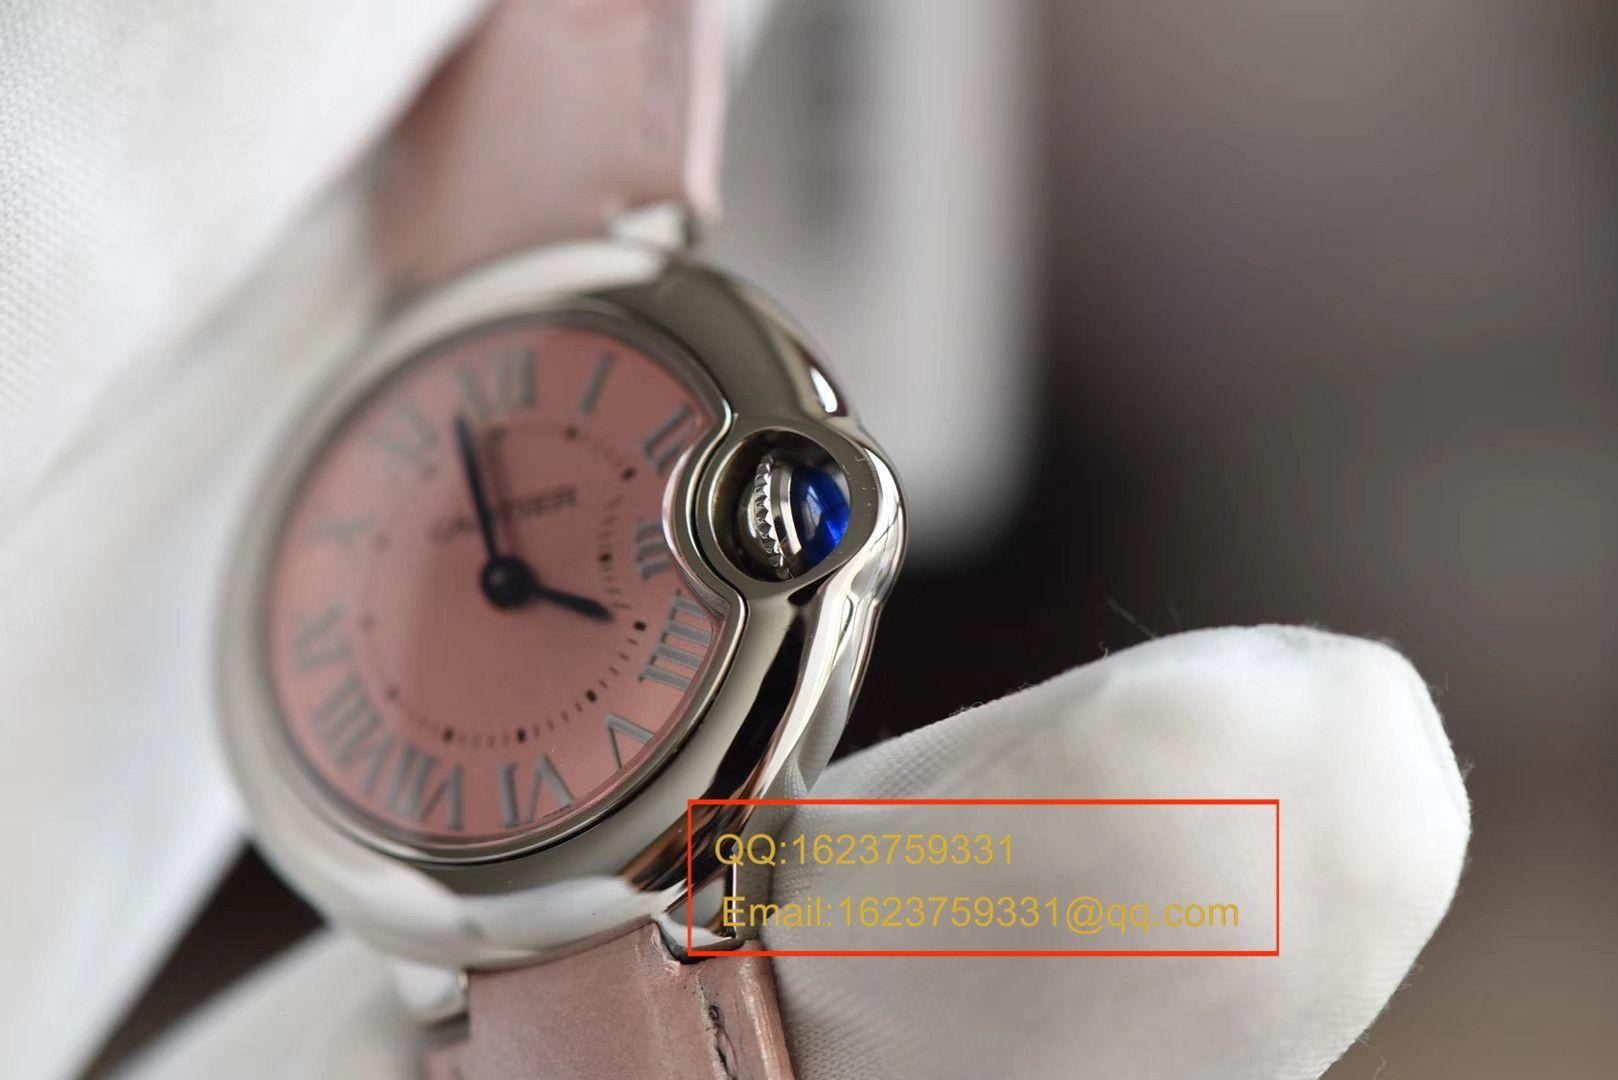 【HBBV6一比一超A精仿手表】卡地亚蓝气球系列W6920038小号蓝气球28毫米女士石英腕表